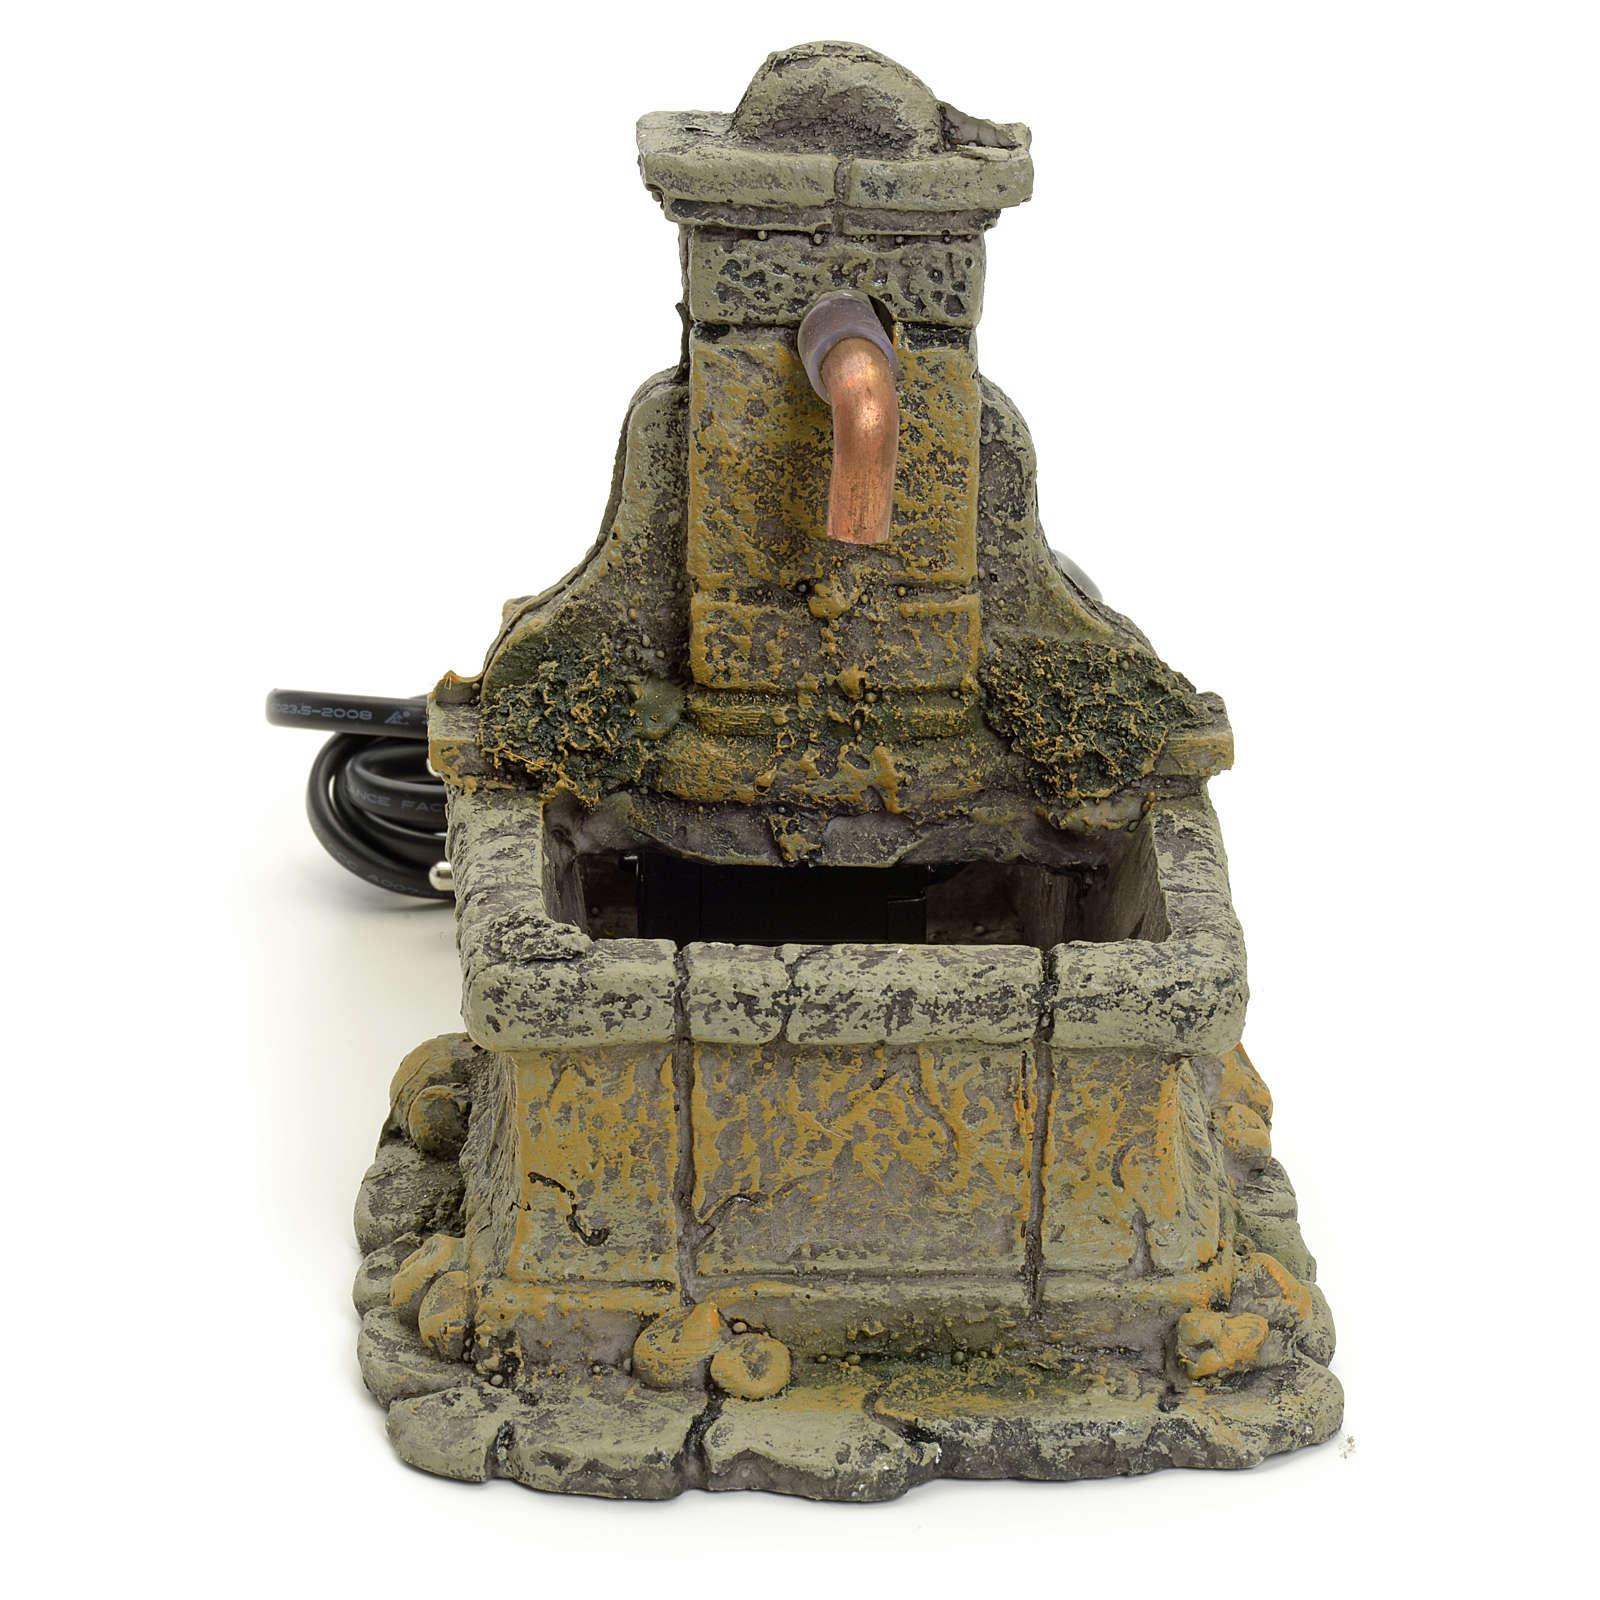 Fontana presepio in resina 15x18x12 cm 4